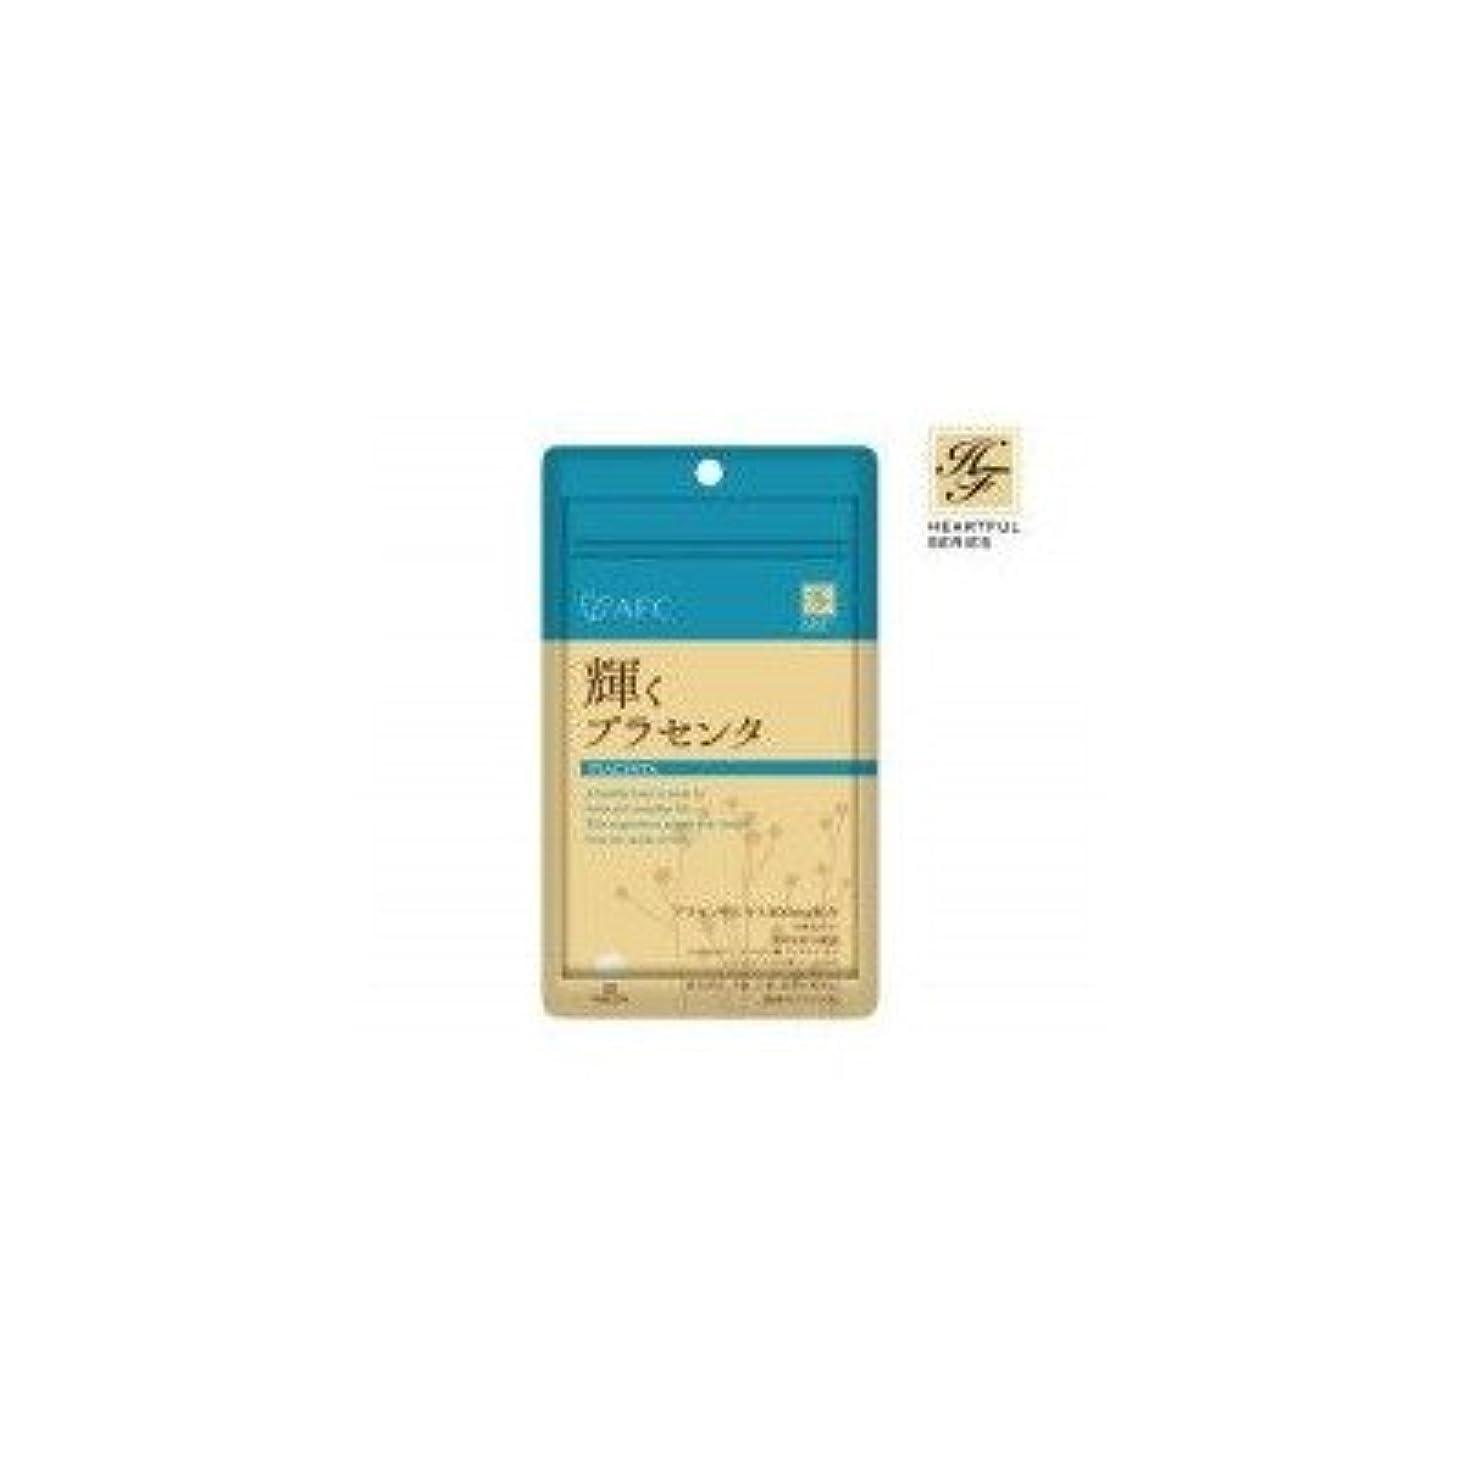 アサート調査威信AFC(エーエフシー) ハートフルシリーズサプリ 輝くプラセンタ HFS02×6袋